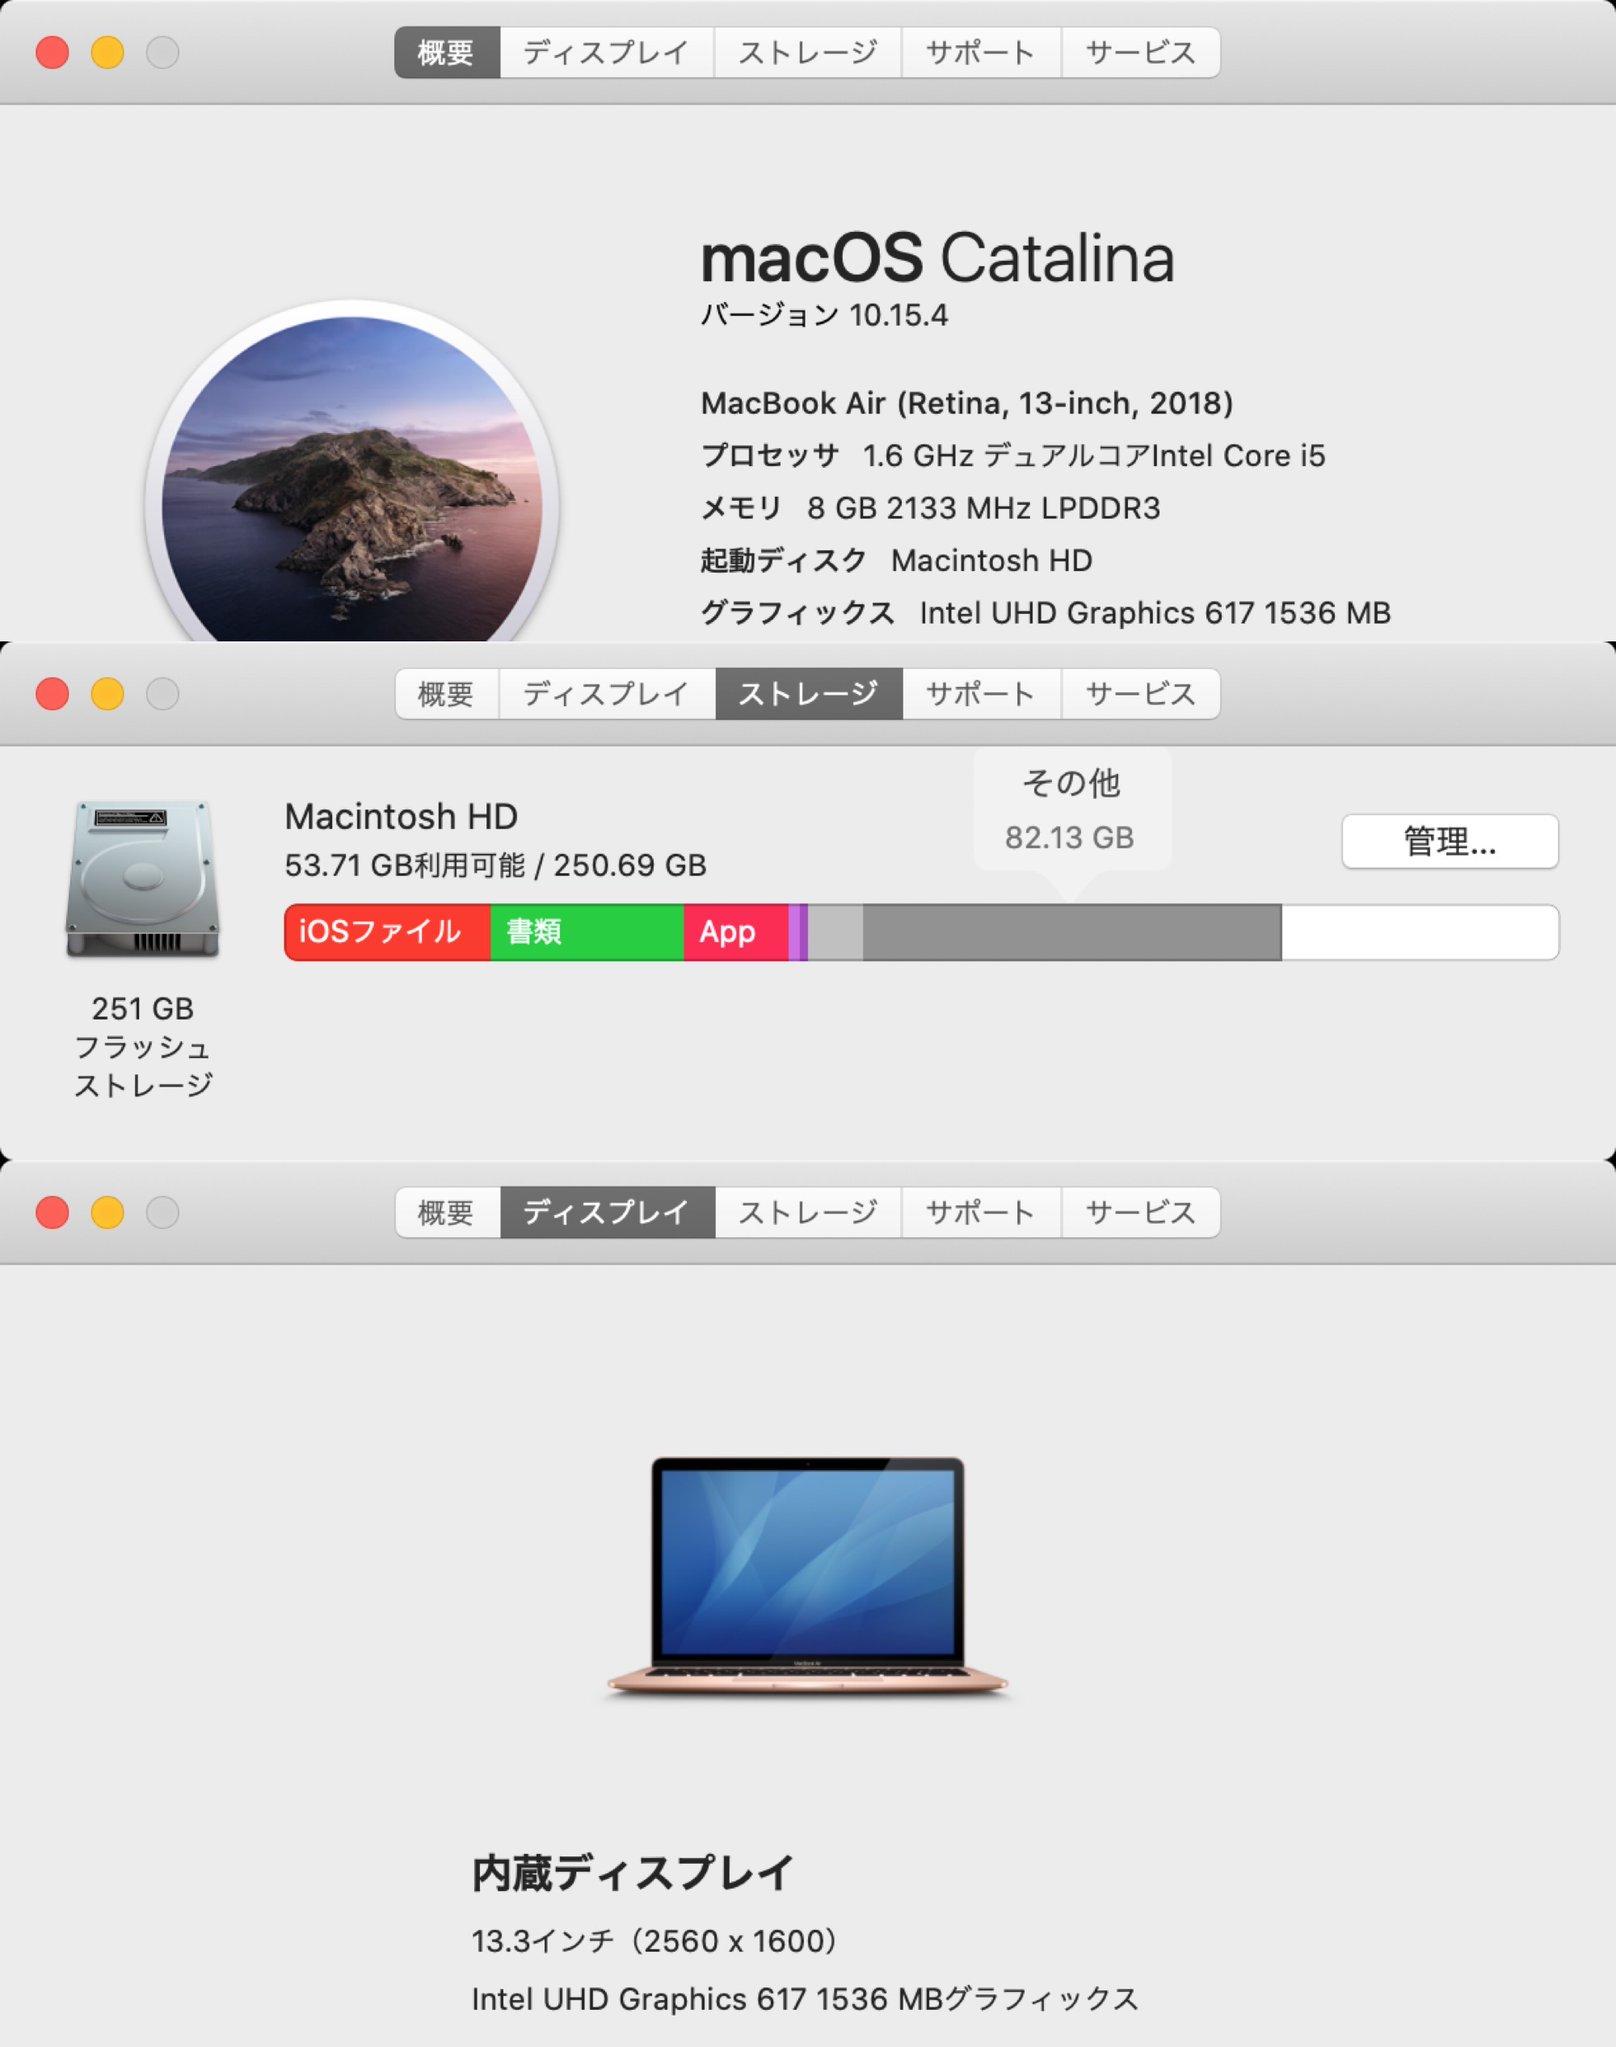 手元にある MacBook Air 2018 のスペック。 CPU: Intel Core i5 1.6GHz デュアルコア RAM: 8GB SSD: 251GB 内蔵ディスプレイ: 13.3インチ (2560 x 1600) GPU: Intel UHD Graphics 617 1536MB https://t.co/zXw2a8PhYo